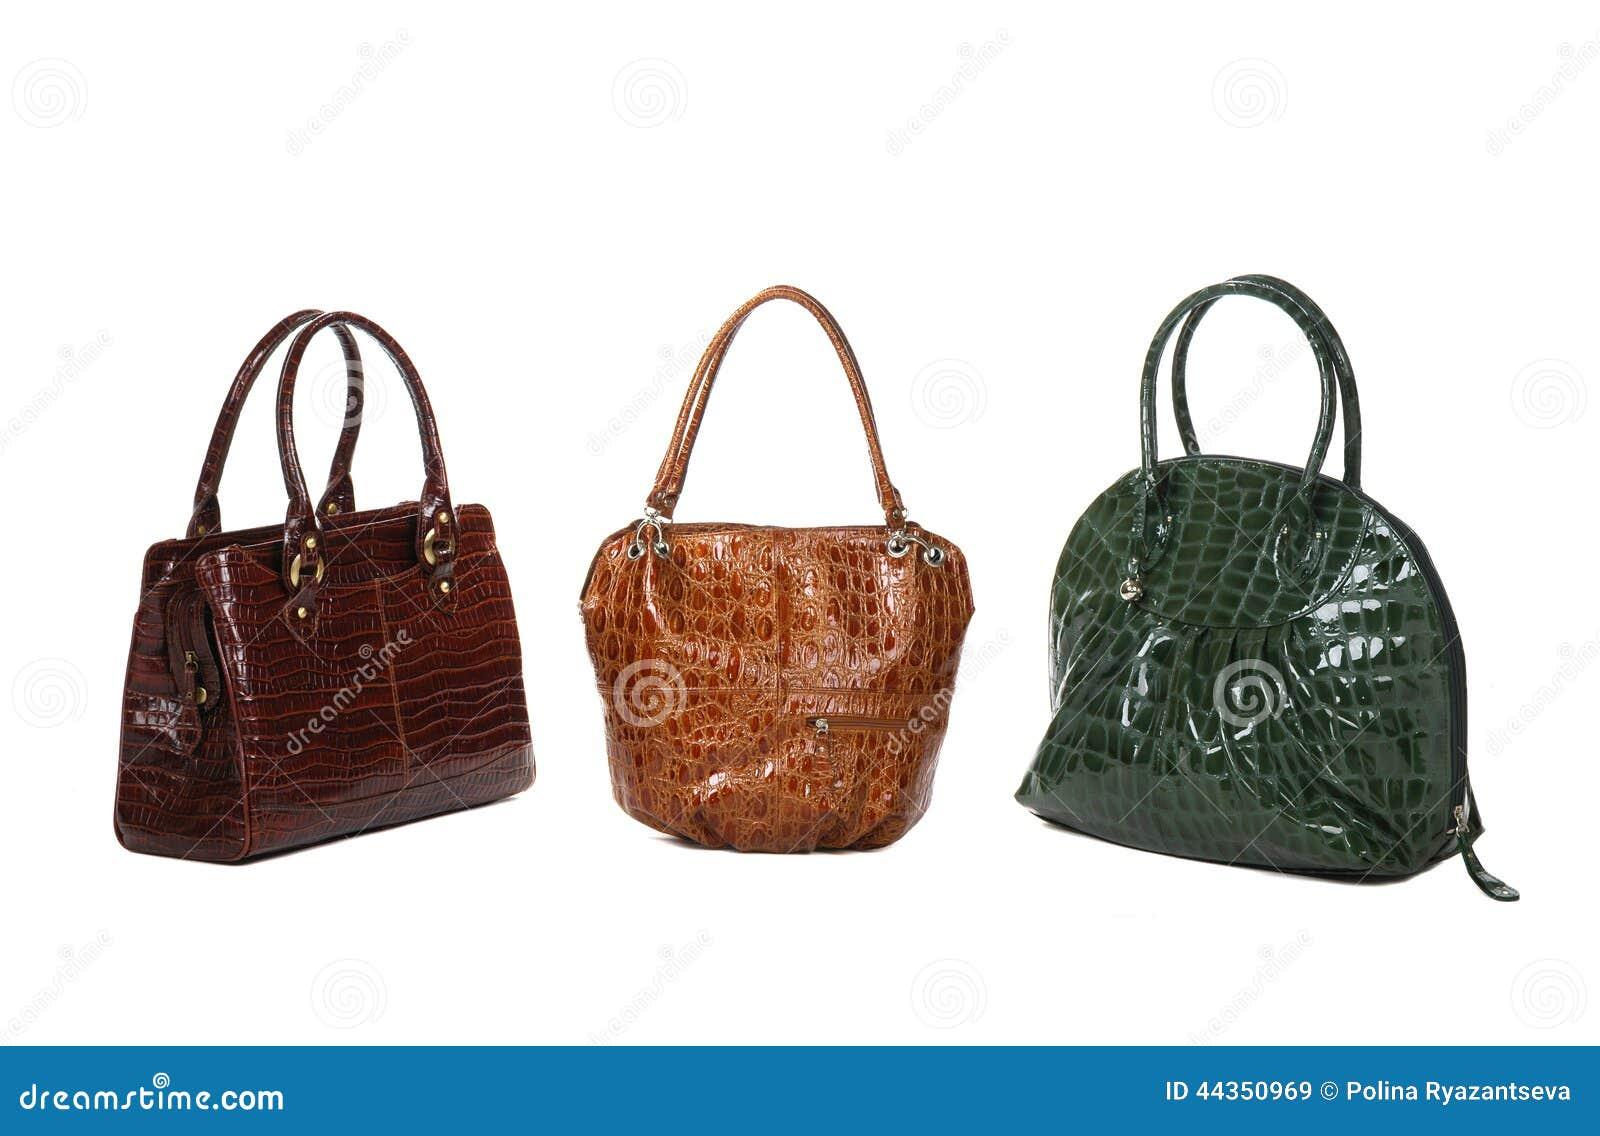 Insieme delle borse delle donne della pelle verniciata